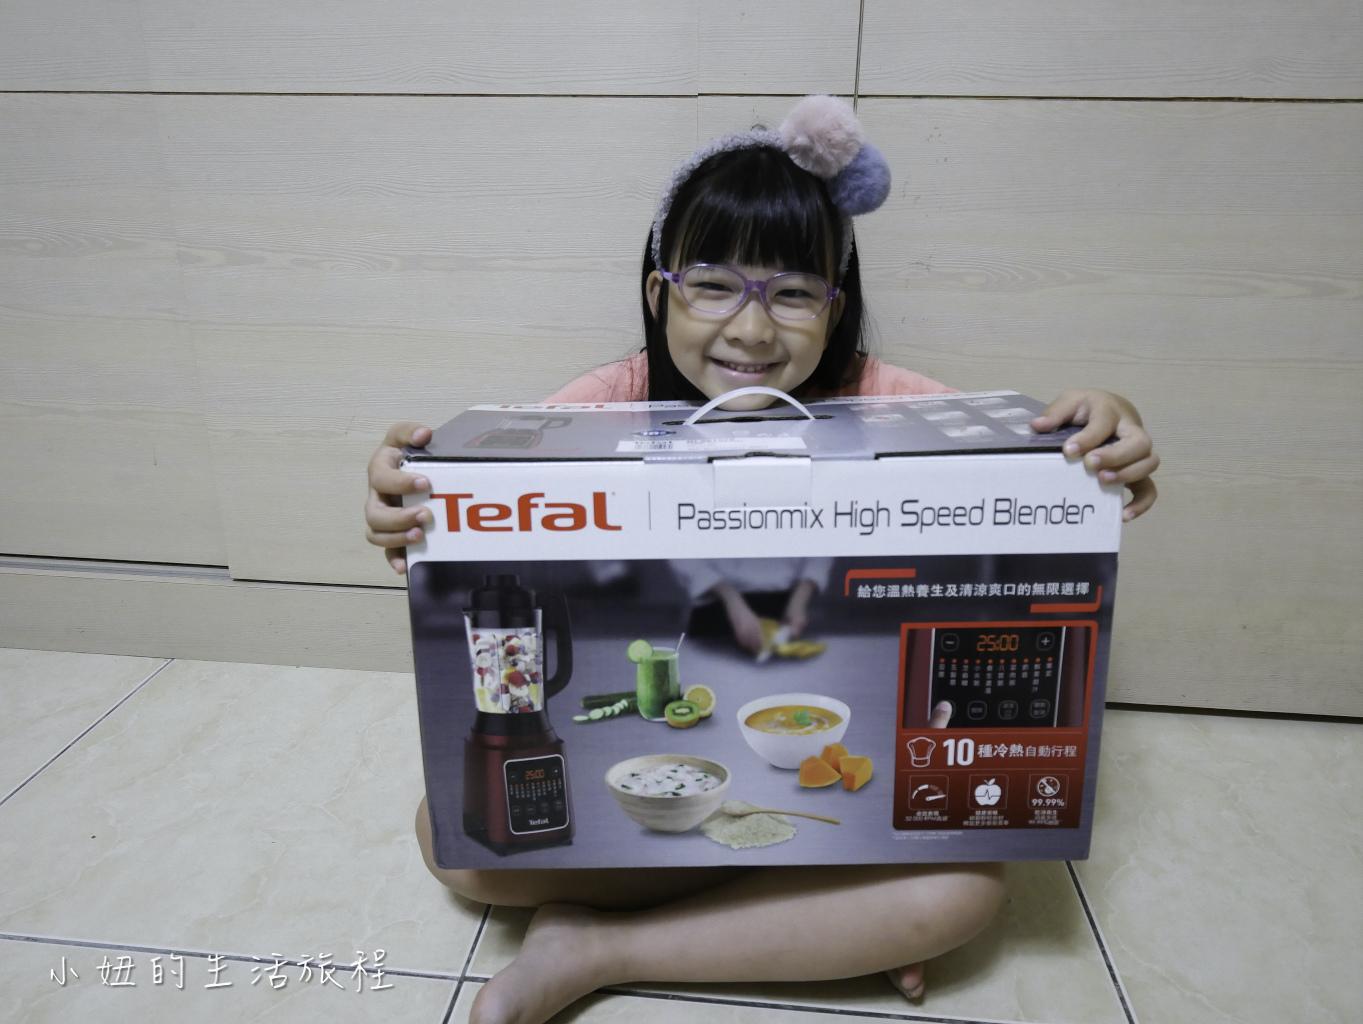 Tefal法國特福高速熱能營養調理機-1.jpg